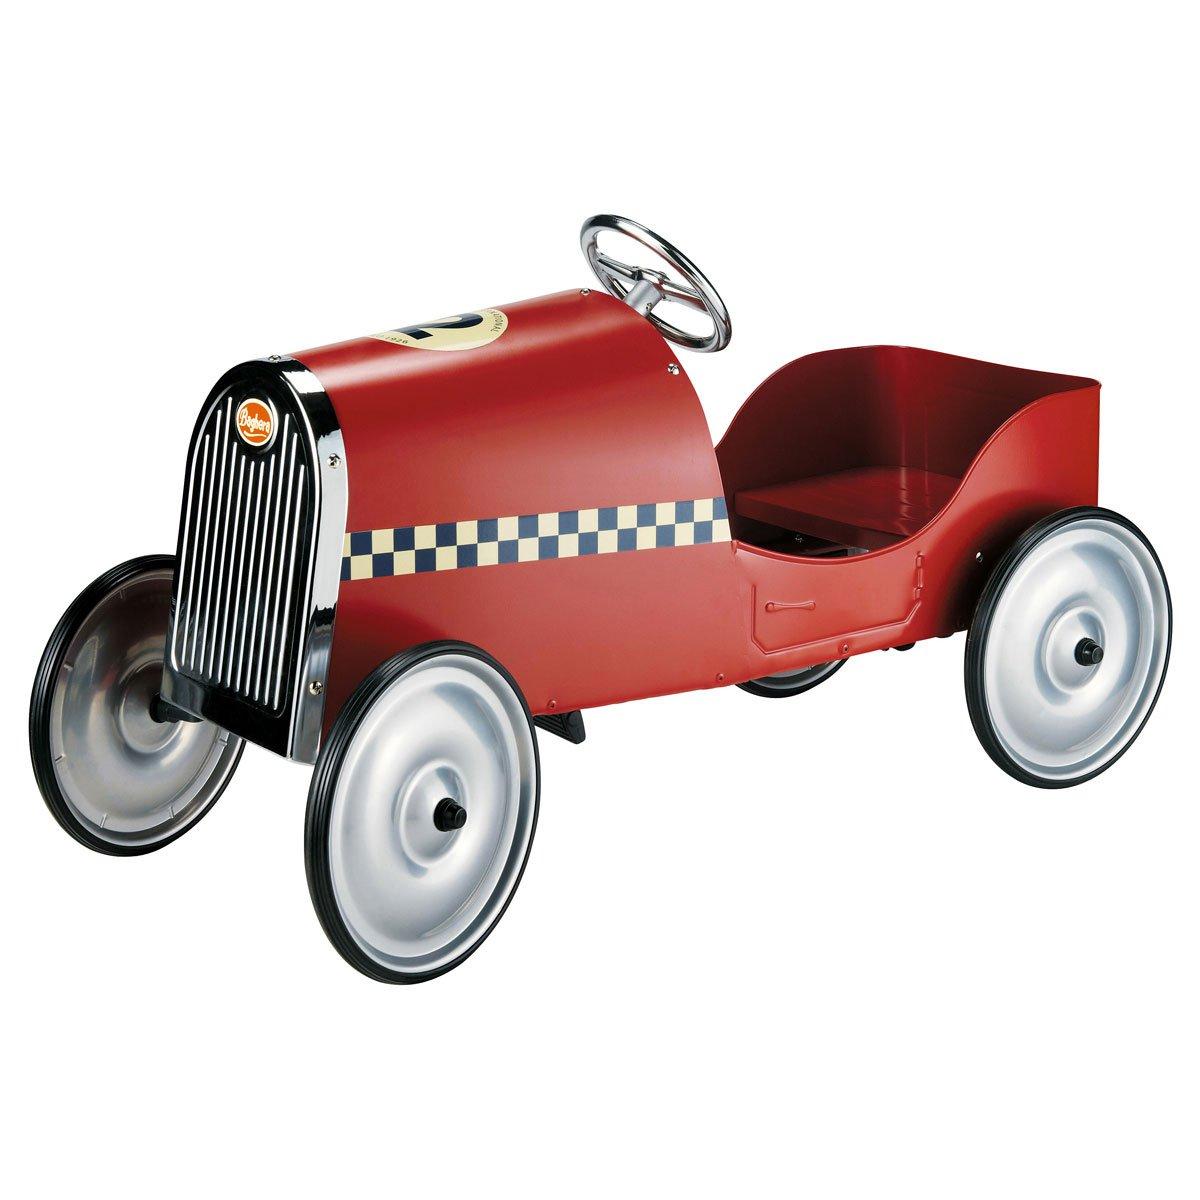 MDM enfant voiture a pedales rouge Baghera